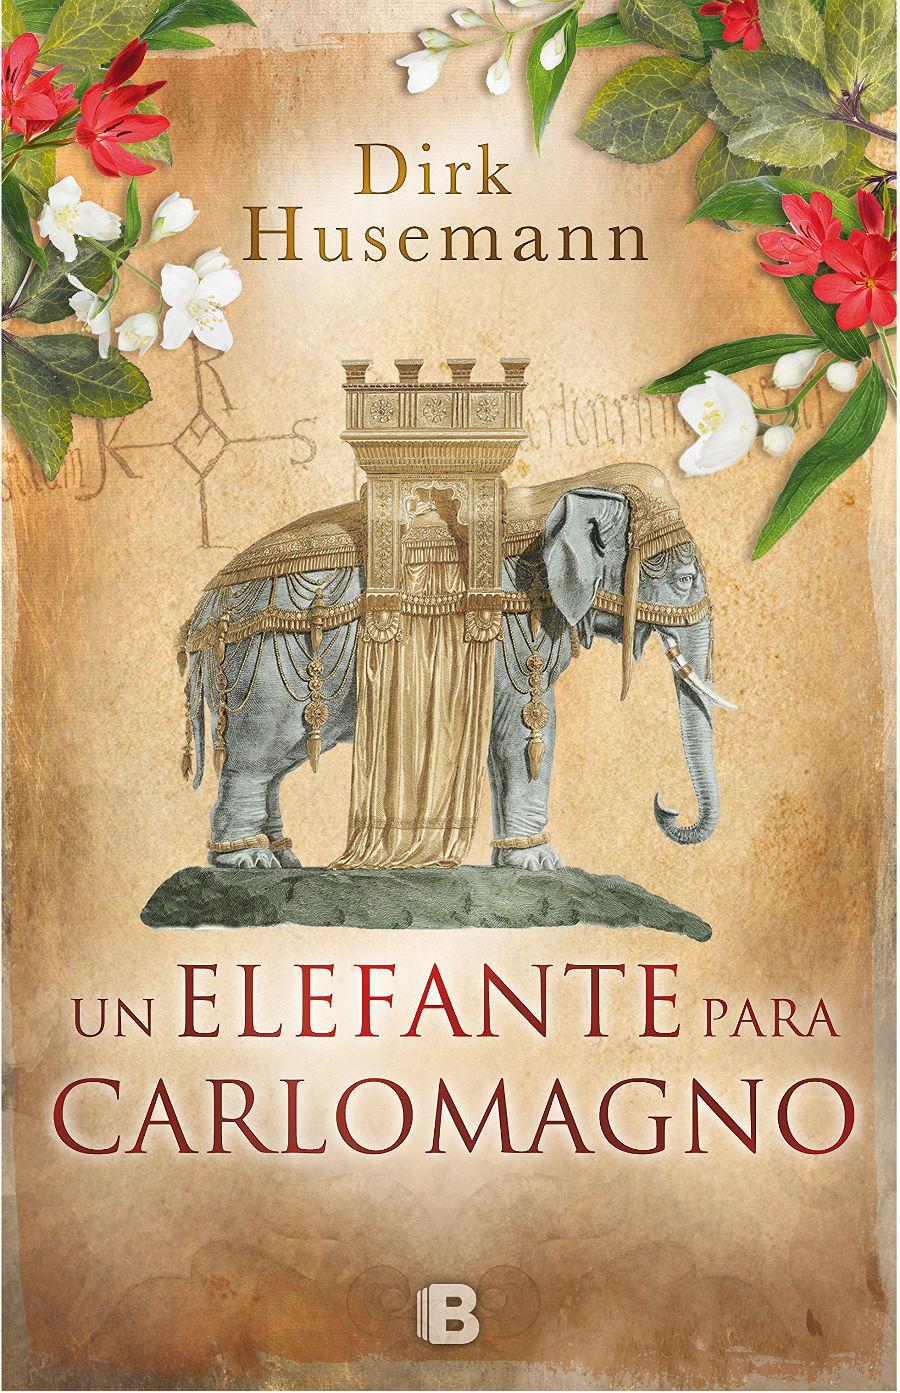 Un elefante para Carlomagno Book Cover